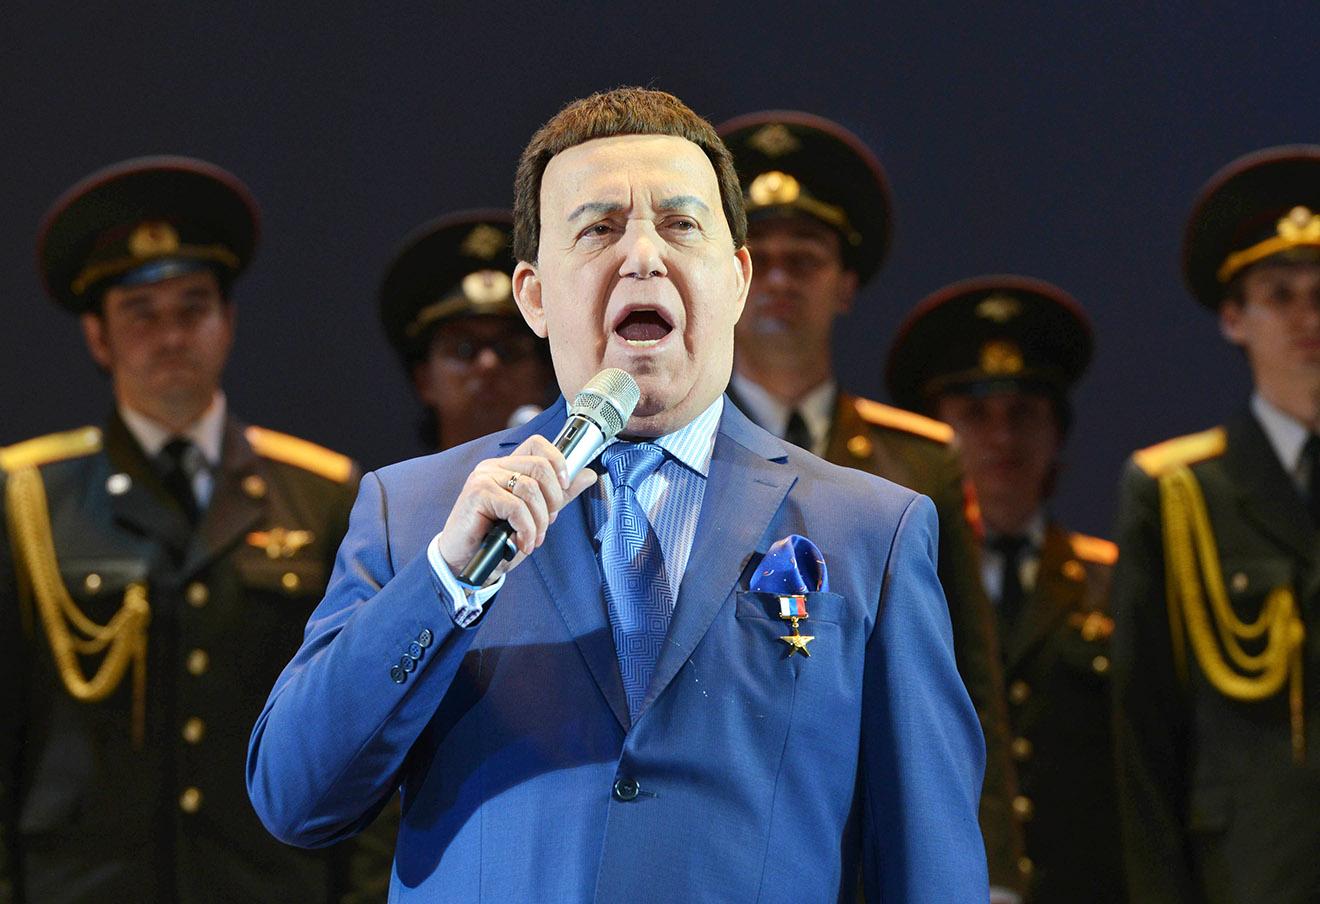 Иосиф Кобзон. Фото: Сергей Бертов / Интерпресс / ТАСС